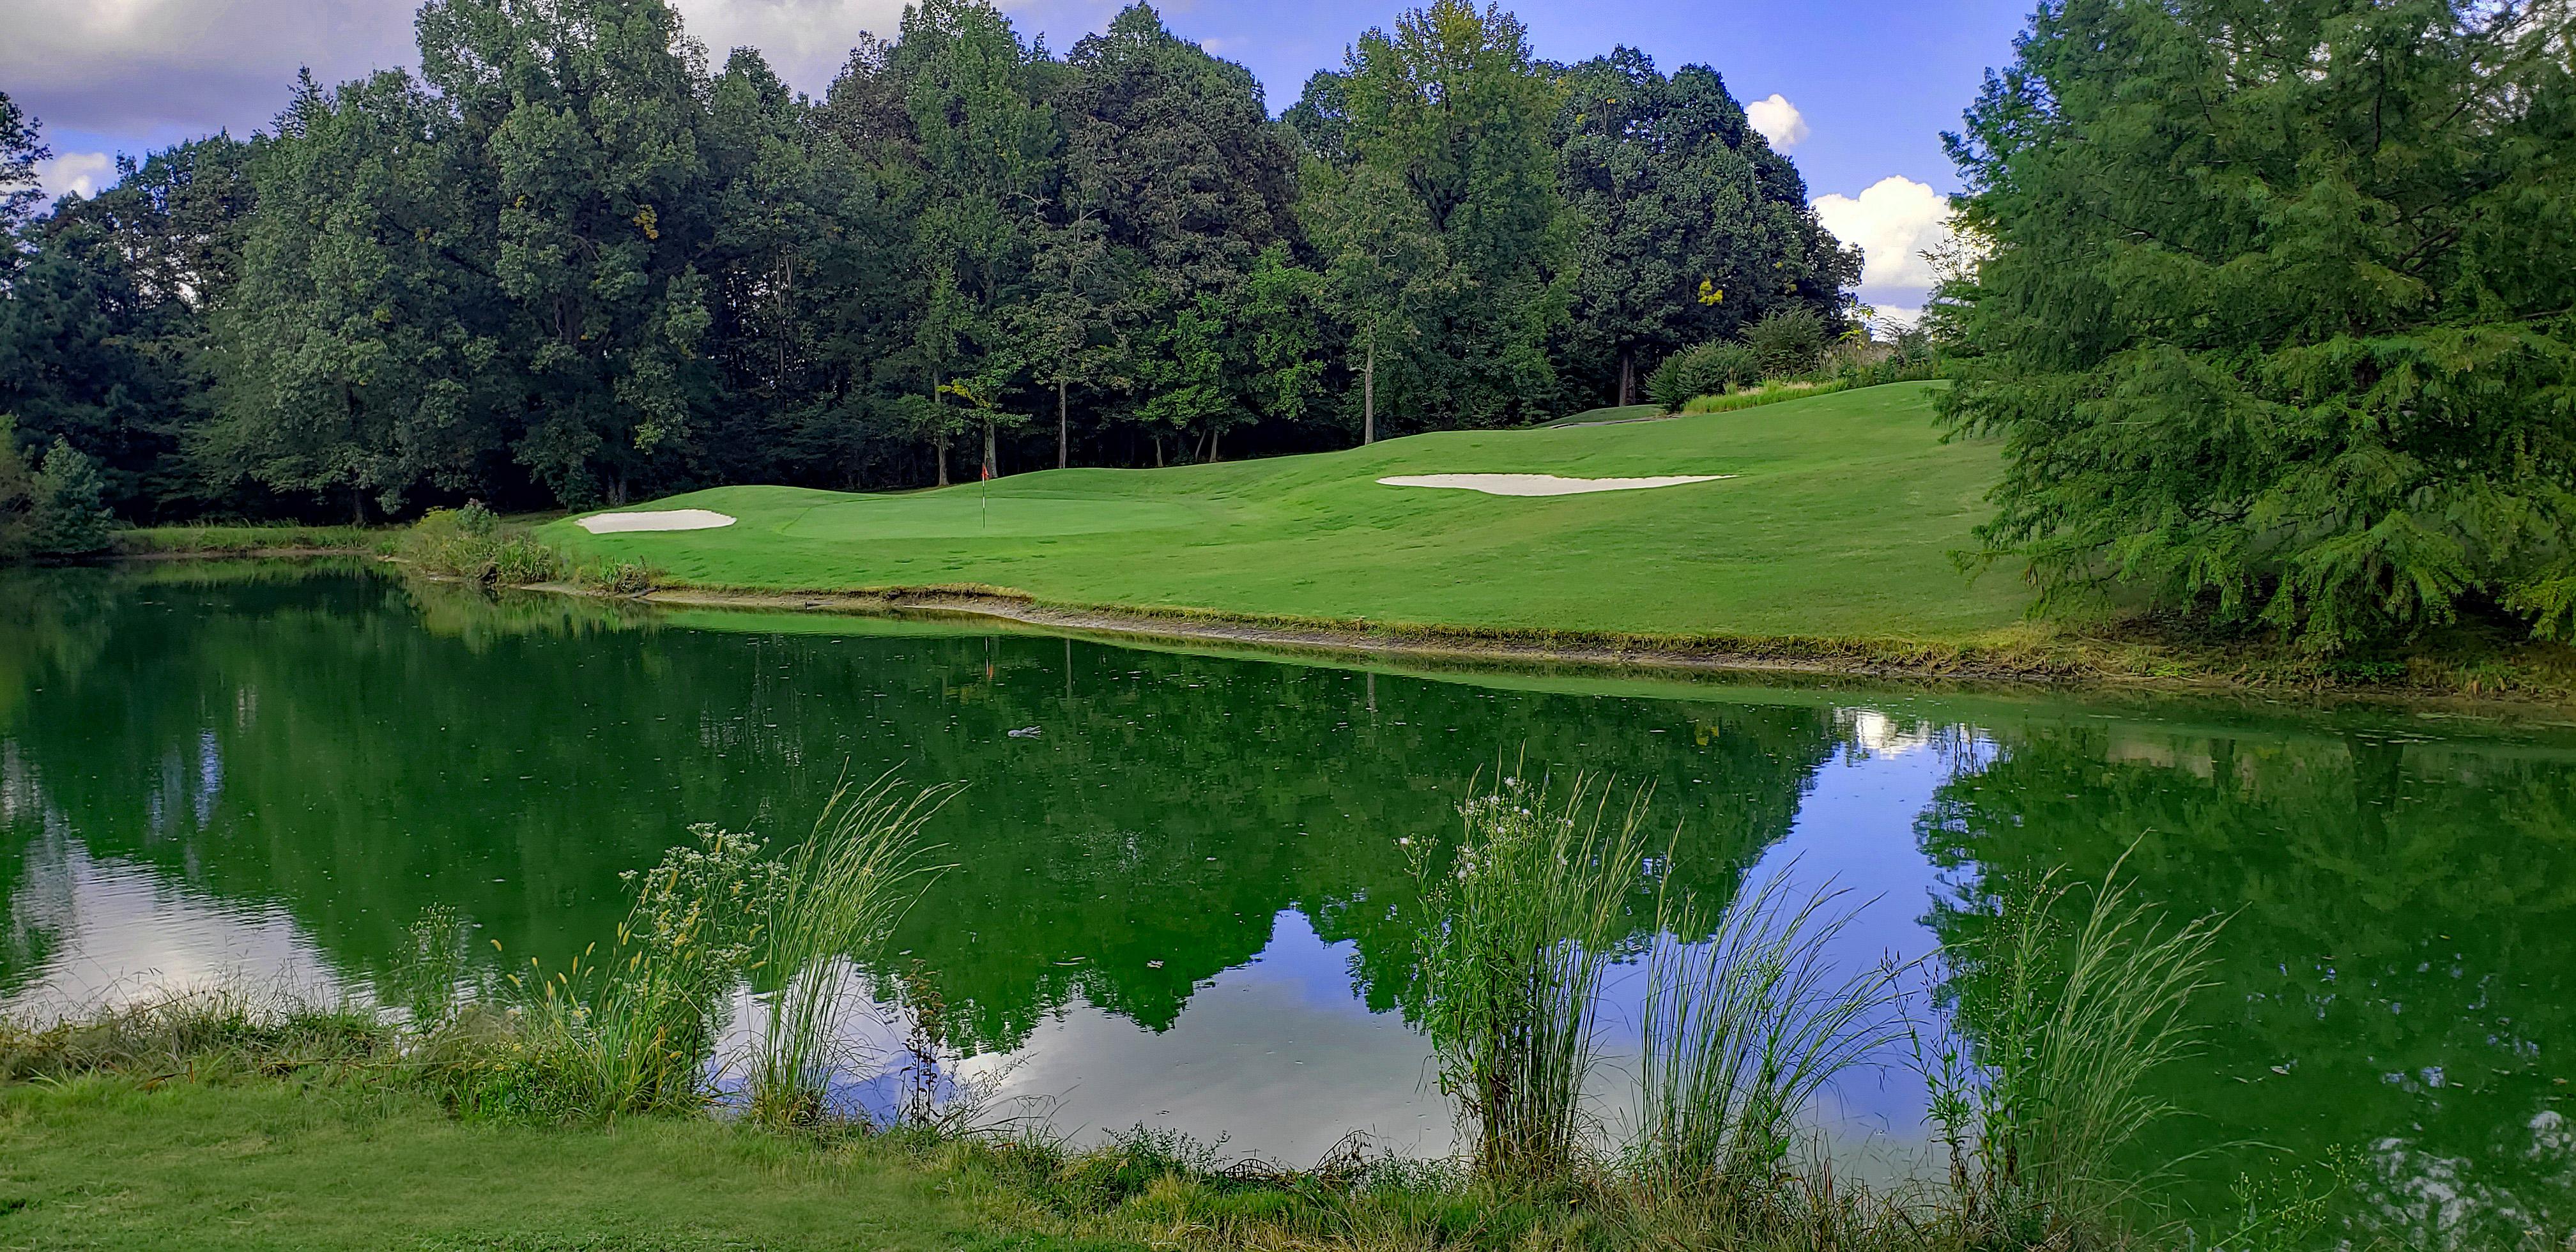 Kentucky4Kentucky Dam Village Golf Course_Kentucky State Parks_The Golfin Guy_7